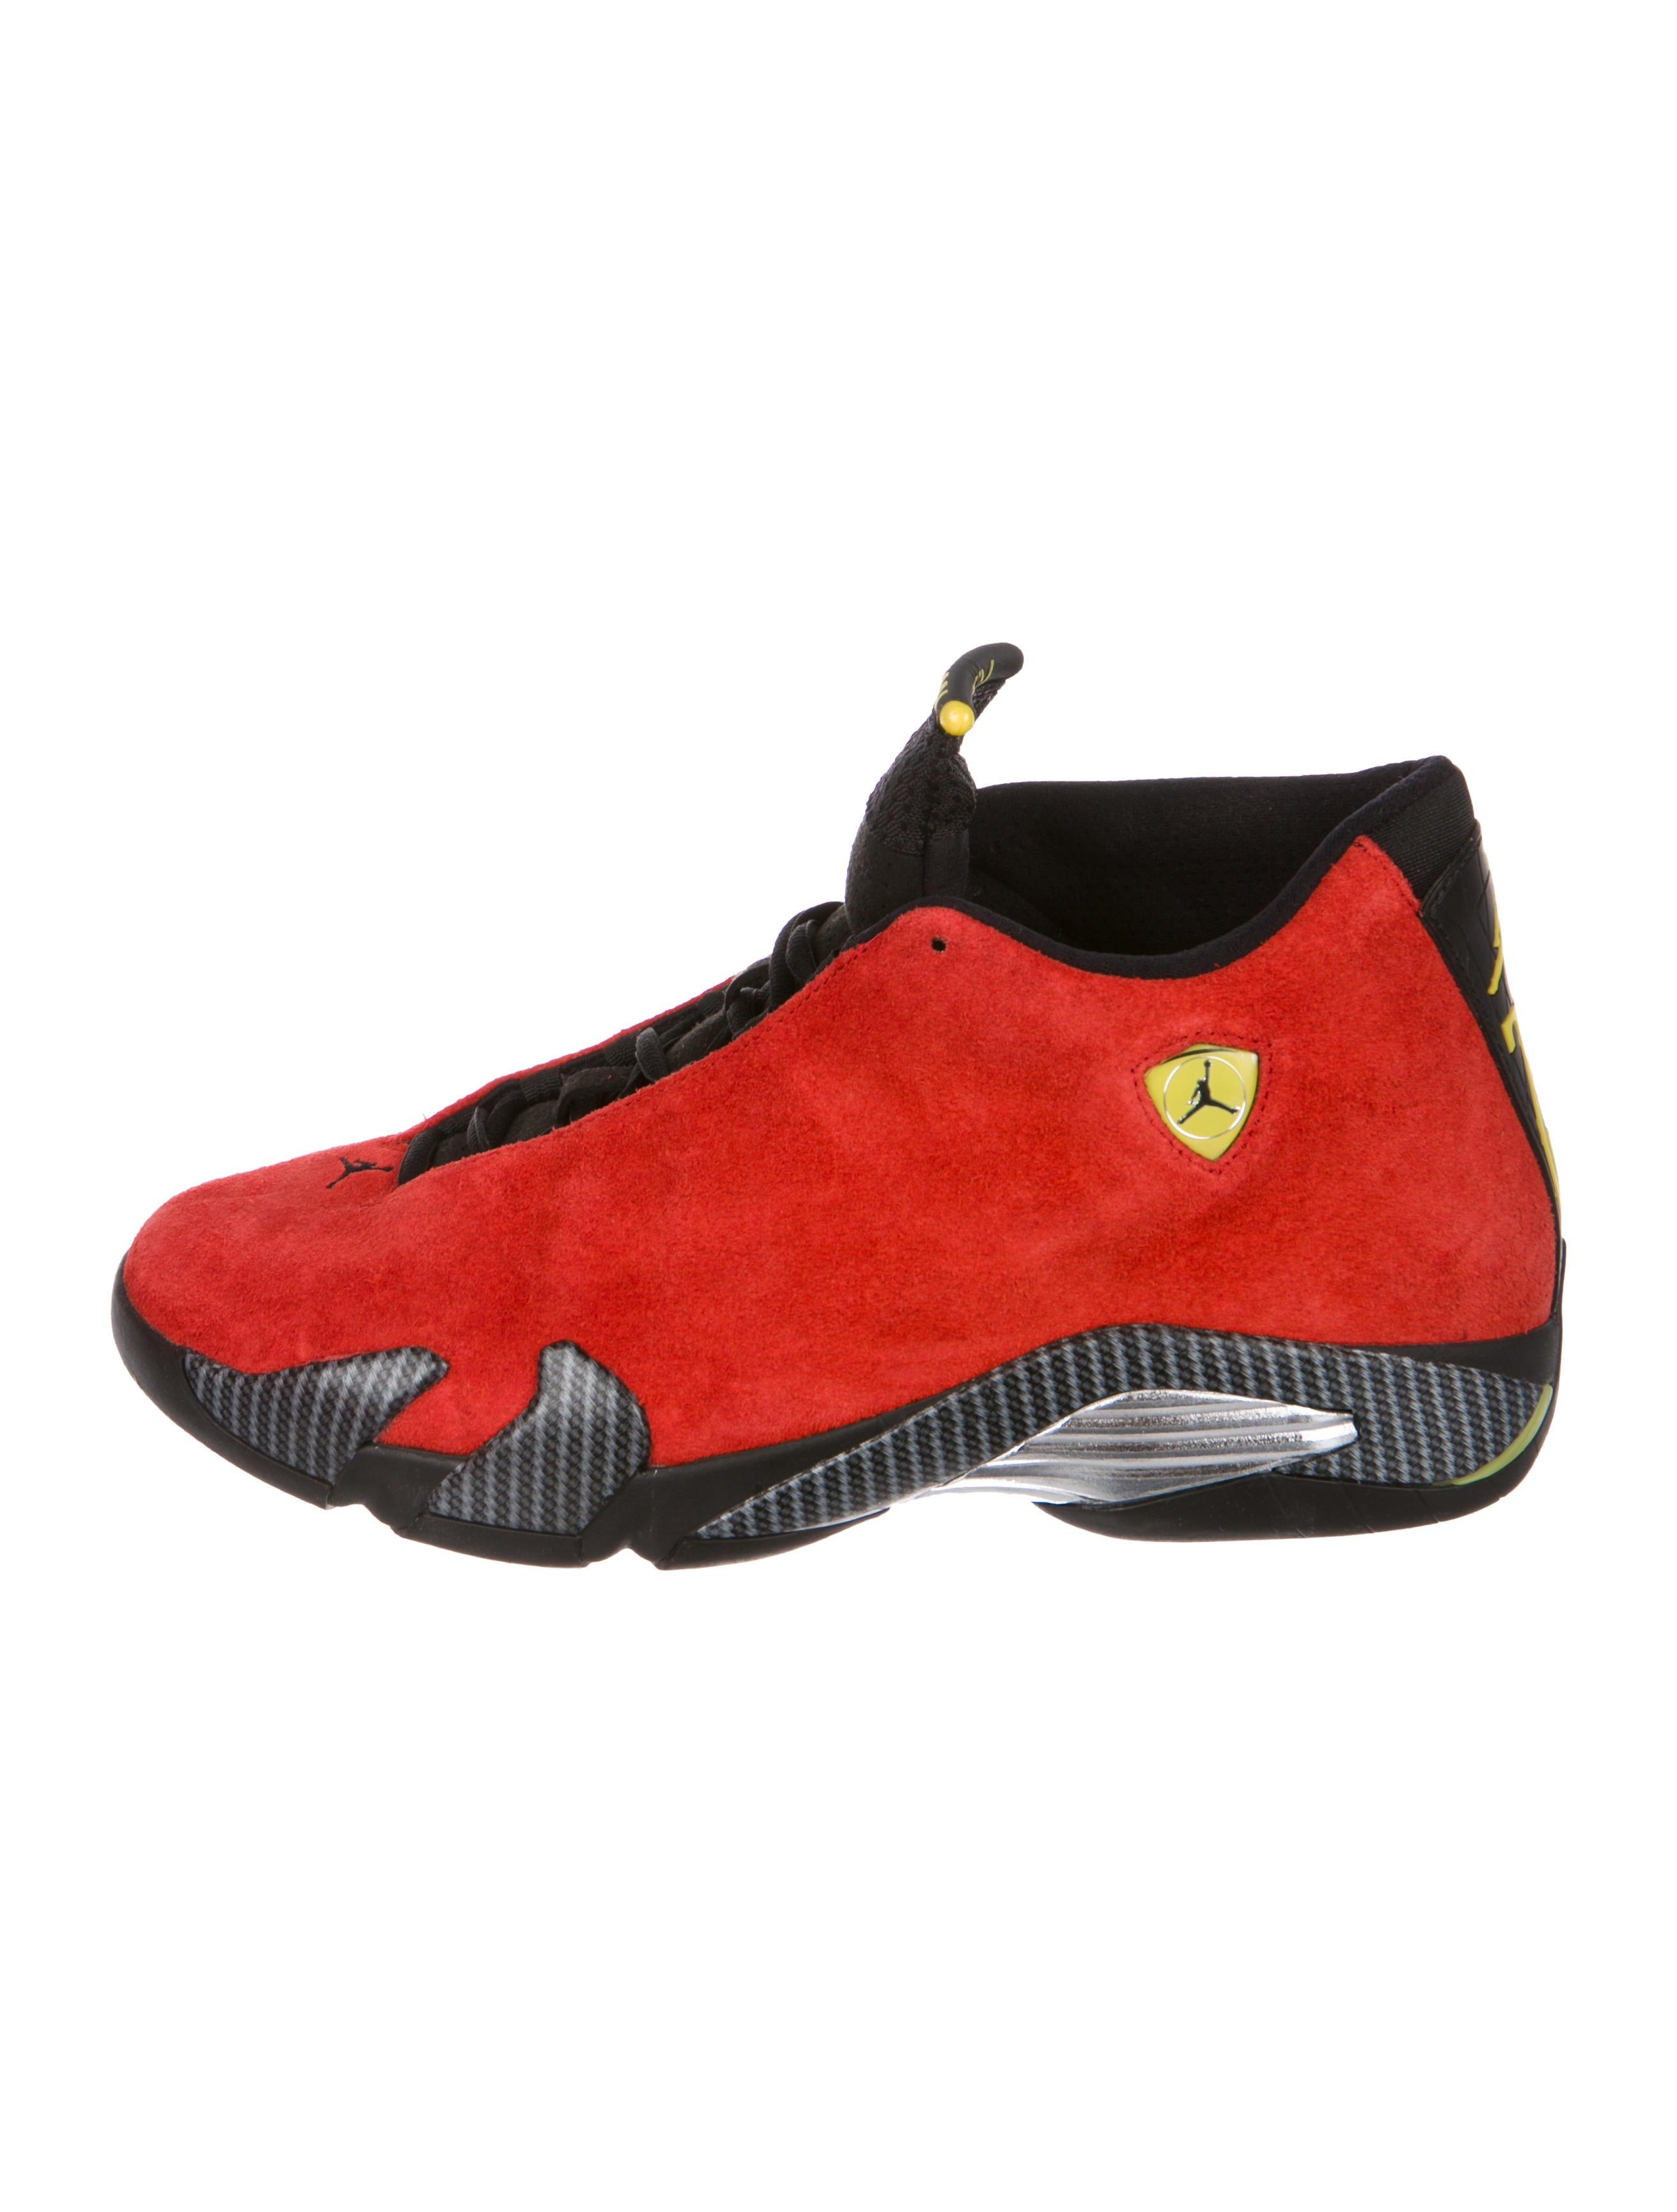 check out 2a7ed 6431c 14 Retro Ferrari Sneakers